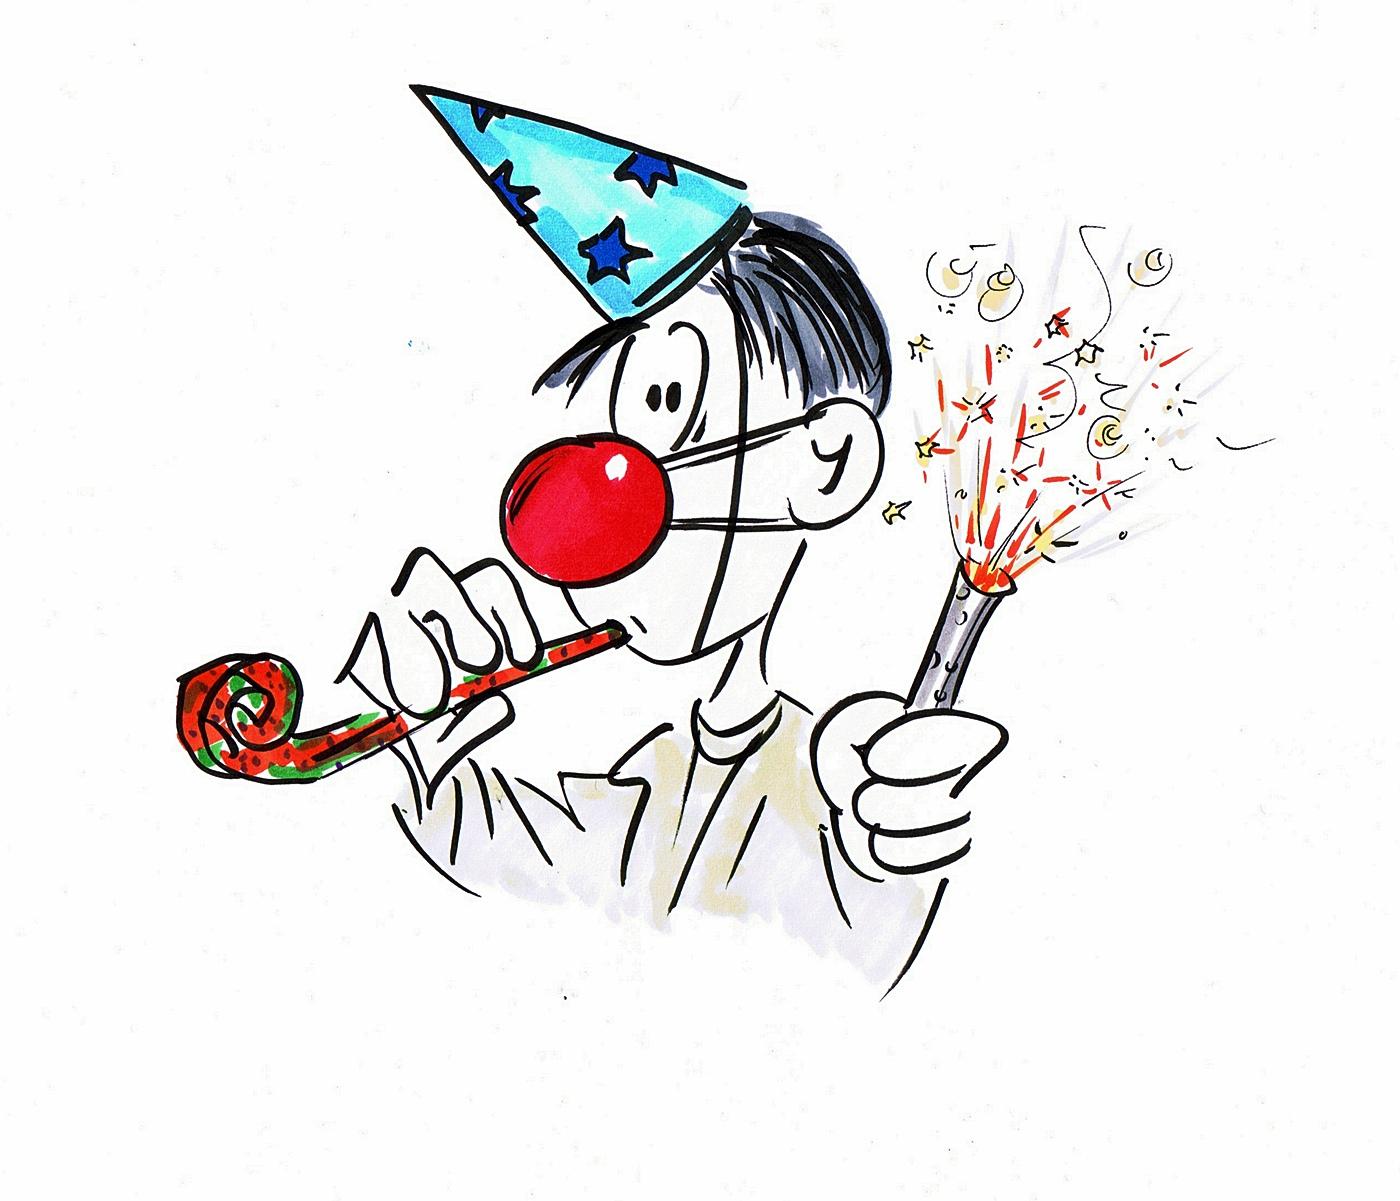 Geburtstagskarte 40, Einladungskarte Motiv | Tutli.de verwandt mit Geburtstagsmotive